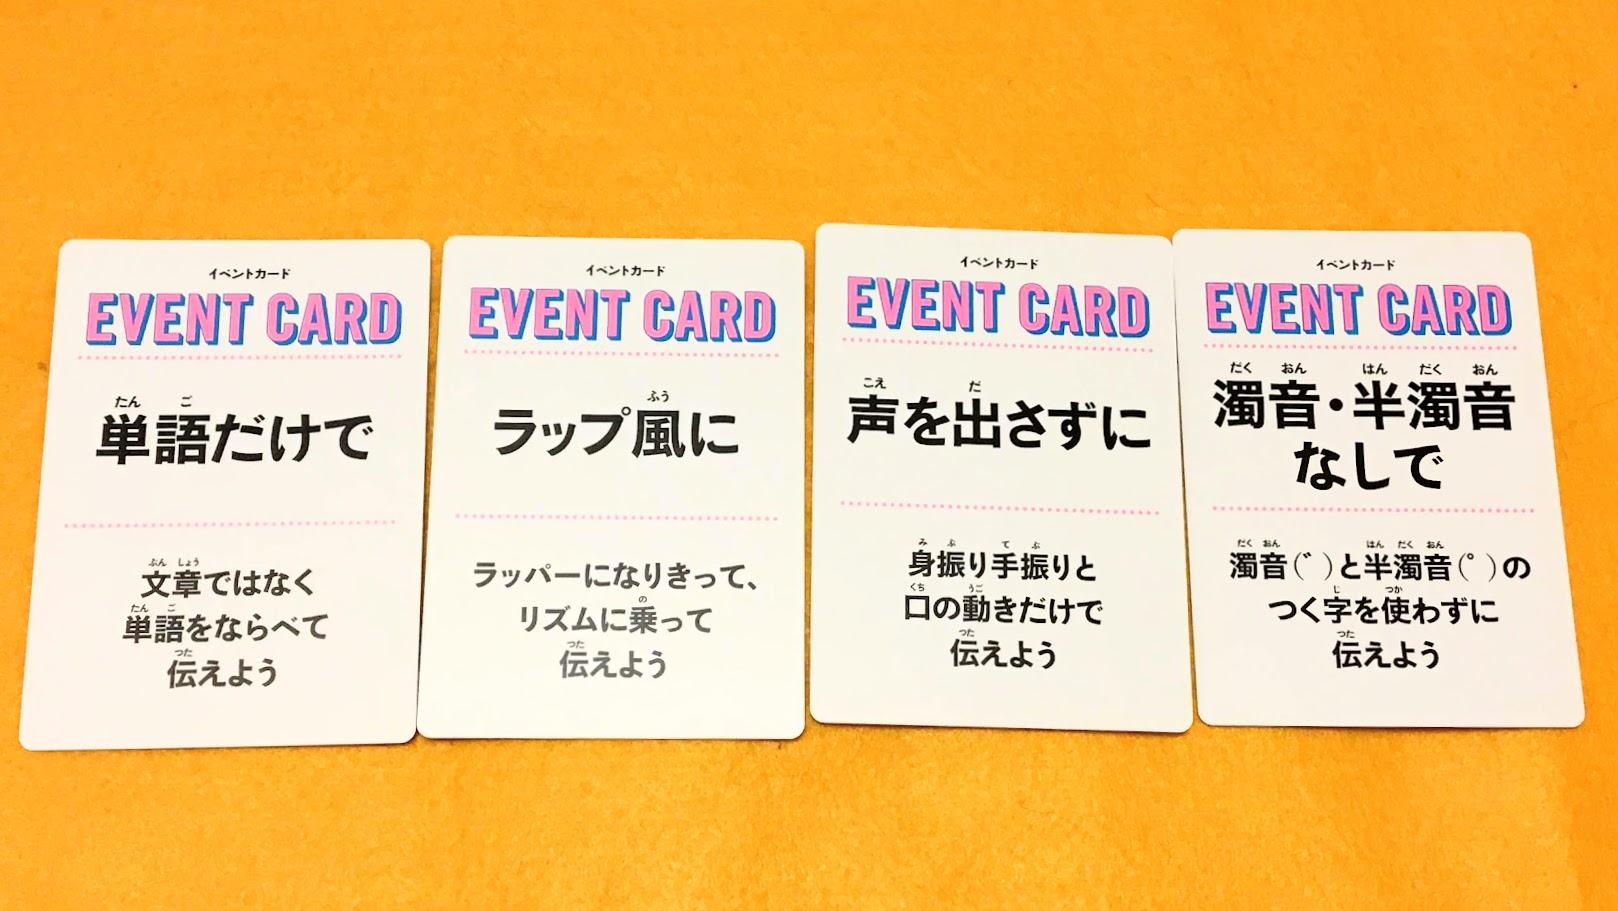 イベントカード:カタカナーシ